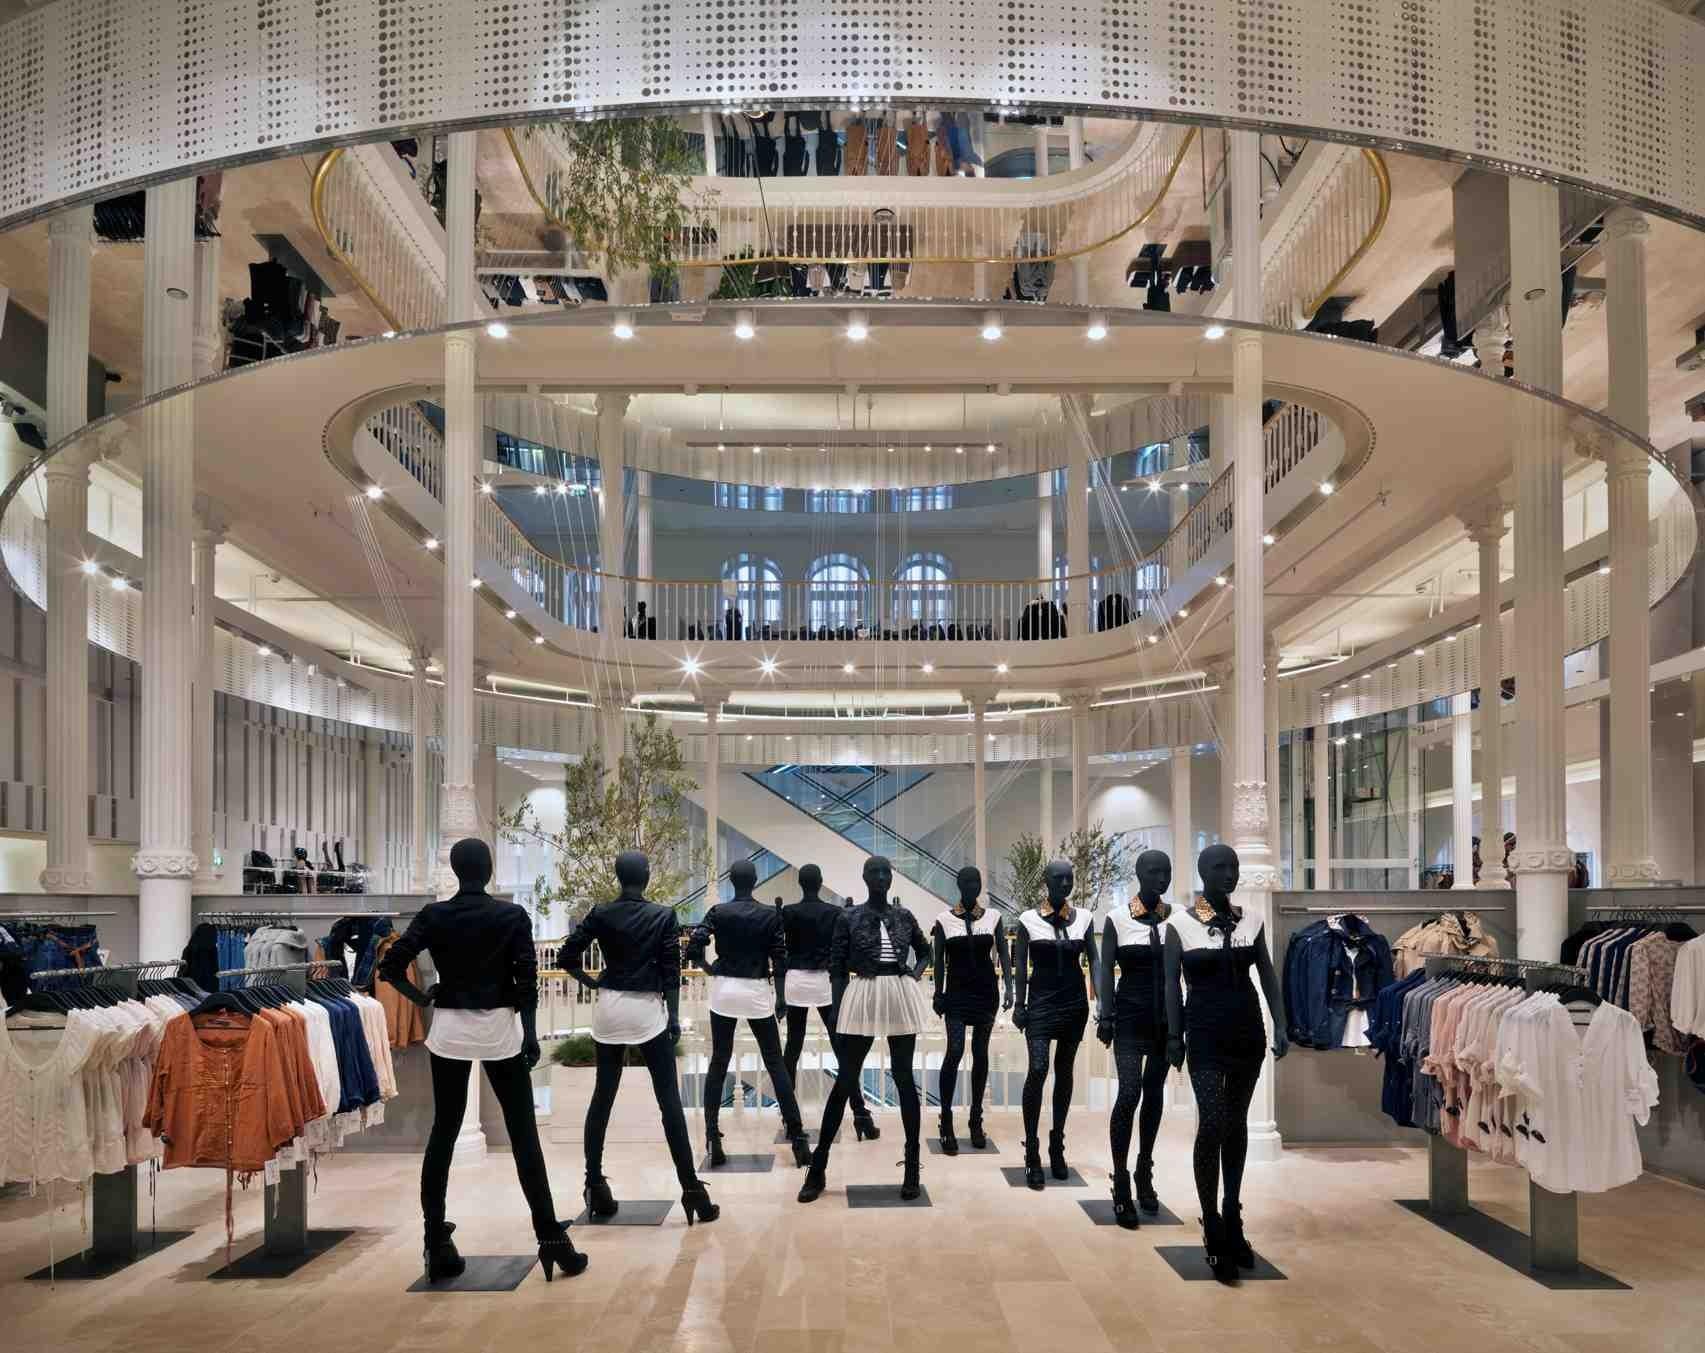 Zara-Rome-Duccio-Grassi-Architects